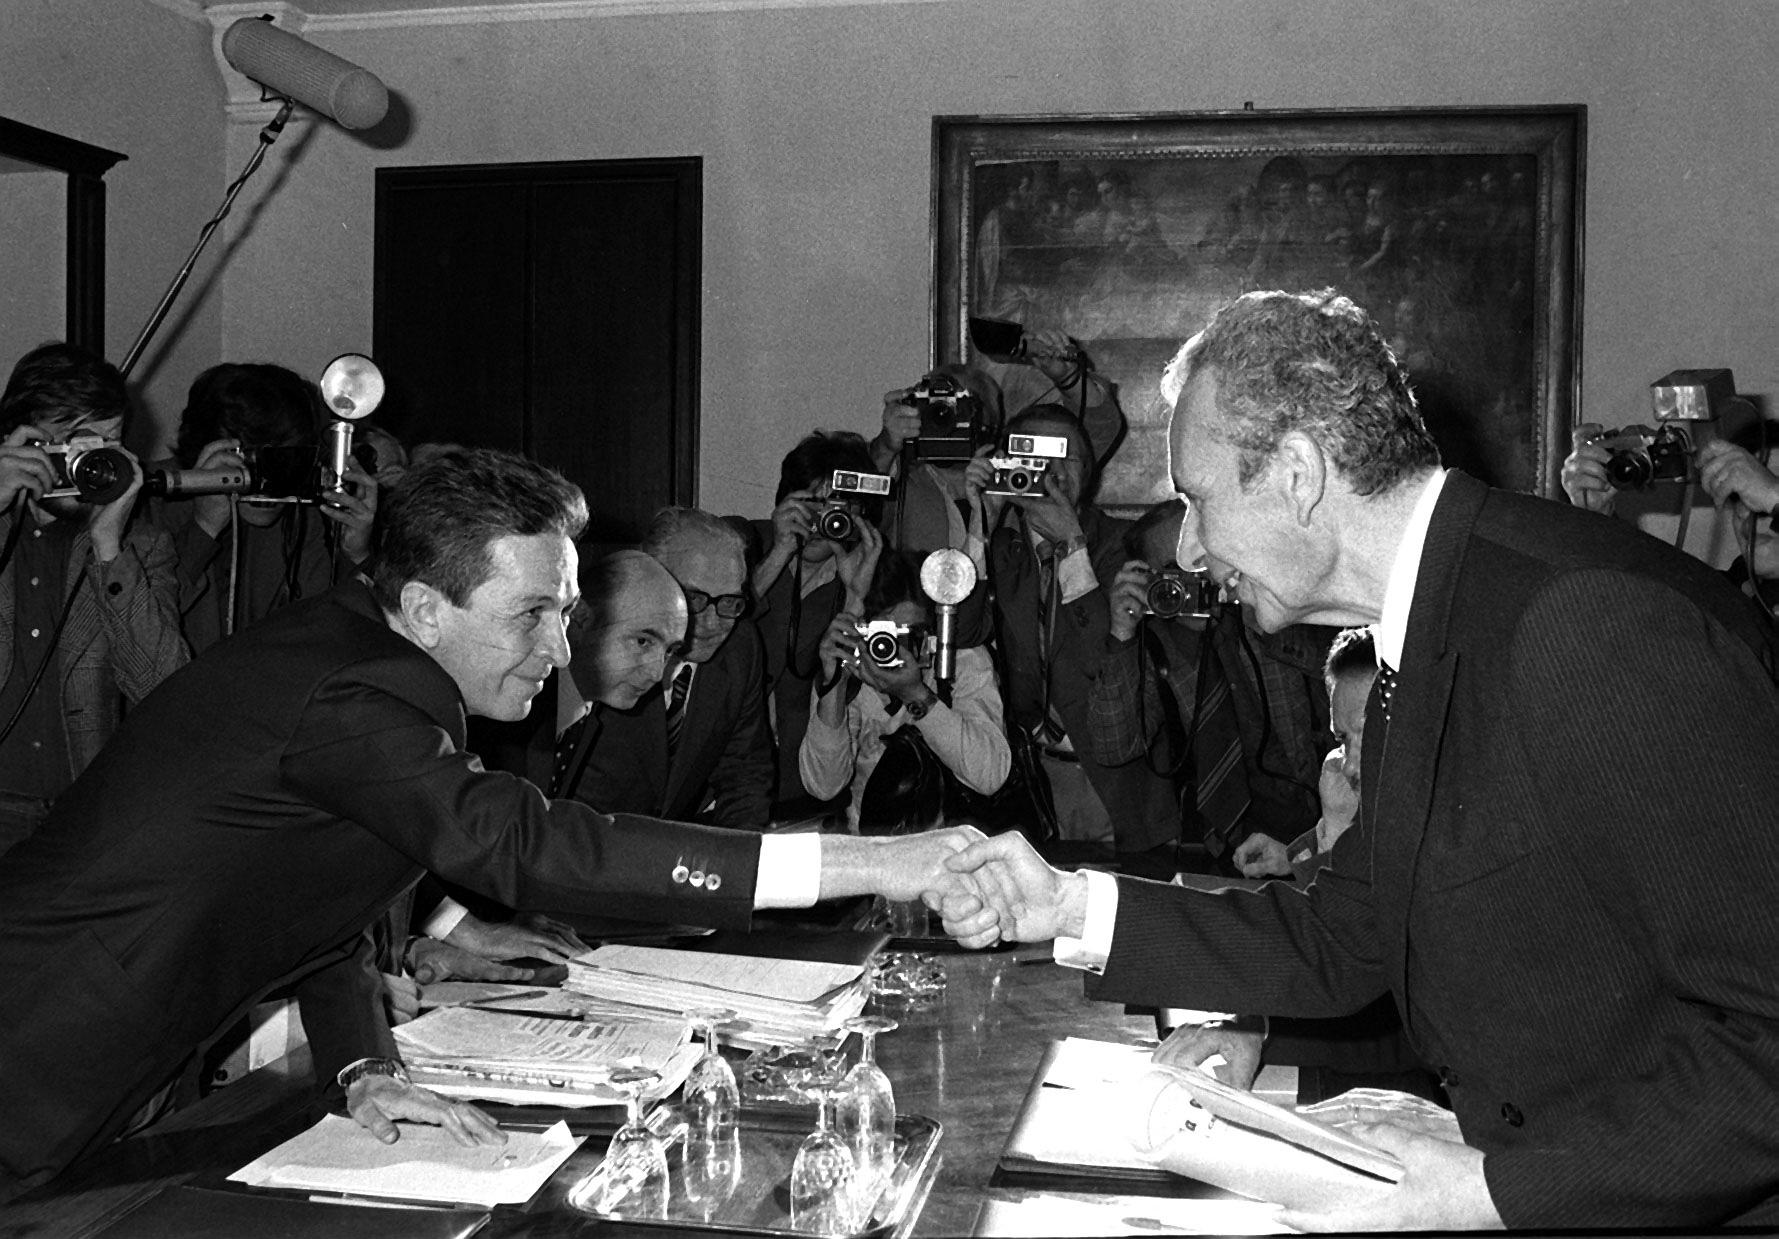 """Con Aldo Moro l'Italia ha un conto aperto. La sua morte tragica negli anni della violenza terroristica, ancora oggi oggetto di un sentimento collettivo che oscilla tra la rimozione e il senso di colpa, ha fatto sì che la sua figura finisse rubricata nella sezione """"Delitti e misteri"""" della storia dell'Italia repubblicana. Ciò ha dunque impedito la sedimentazione di un giudizio minimamente e obiettivo sull'opera politica da lui svolta nel corso dei decenni e che lo ha visto ricoprire le massime cariche politiche: da """"padre costituente"""" a ministro,"""